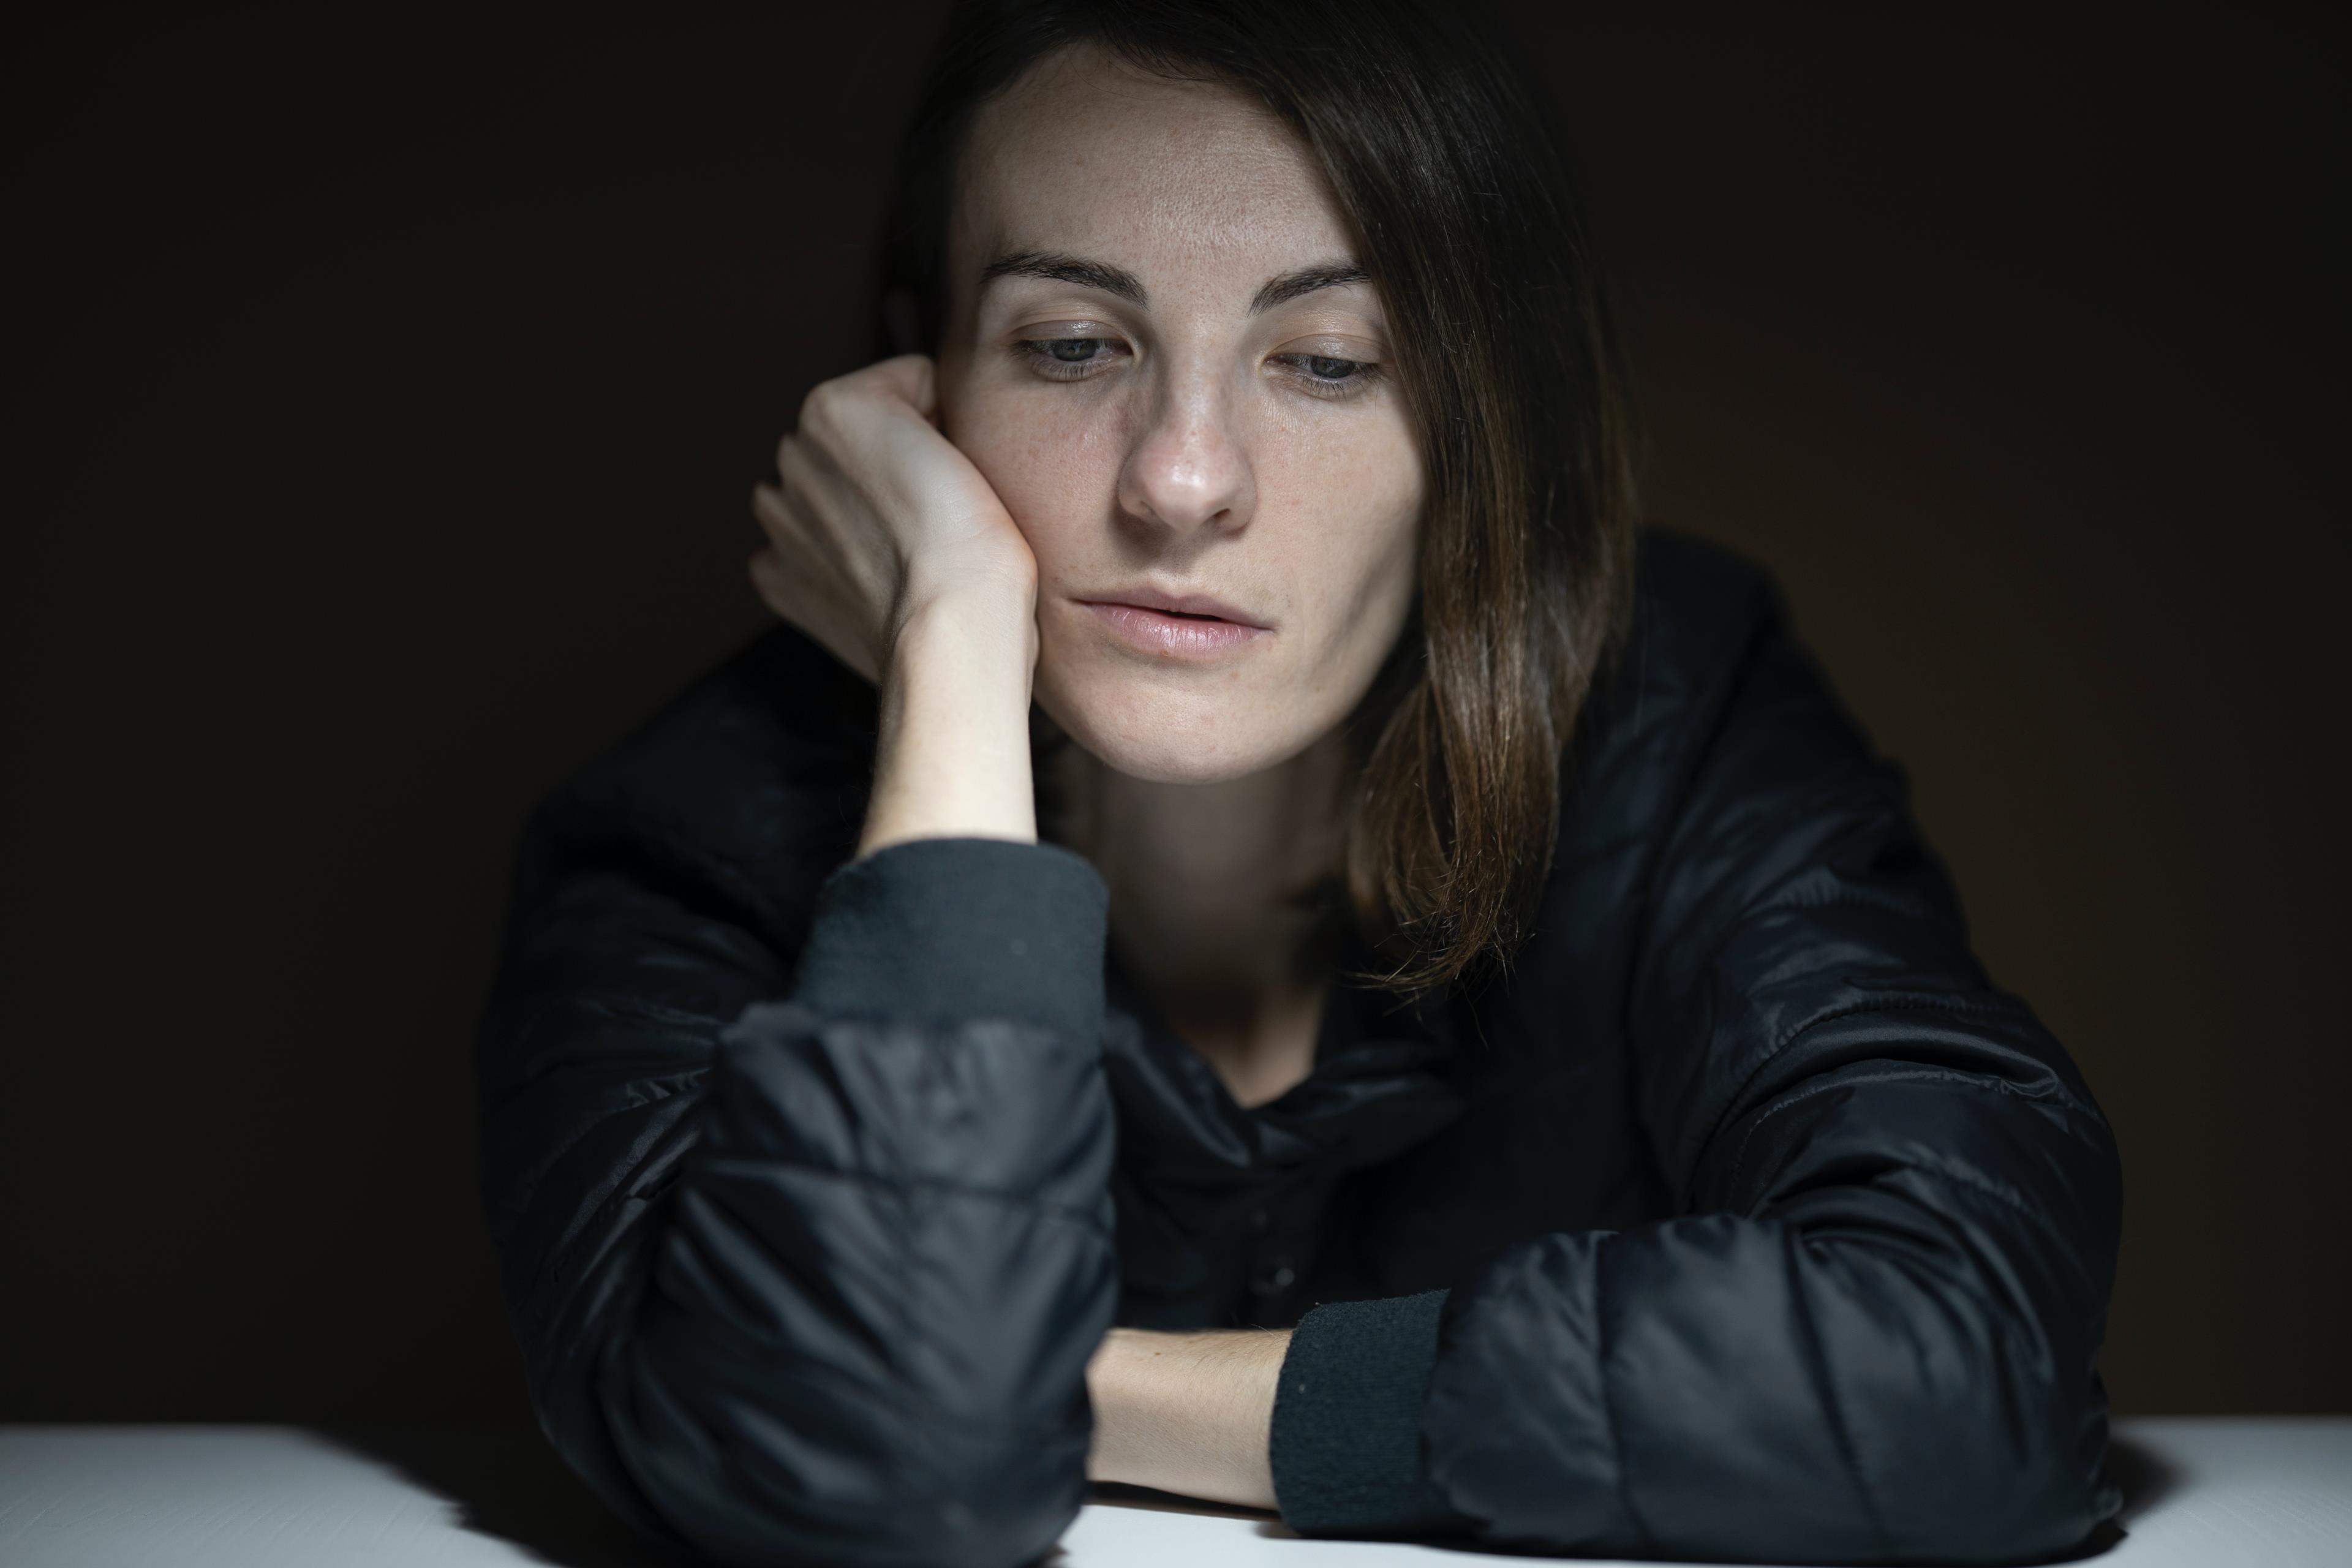 Sbalzi d'umore negativi sono sintomi di carenza di vitamina D